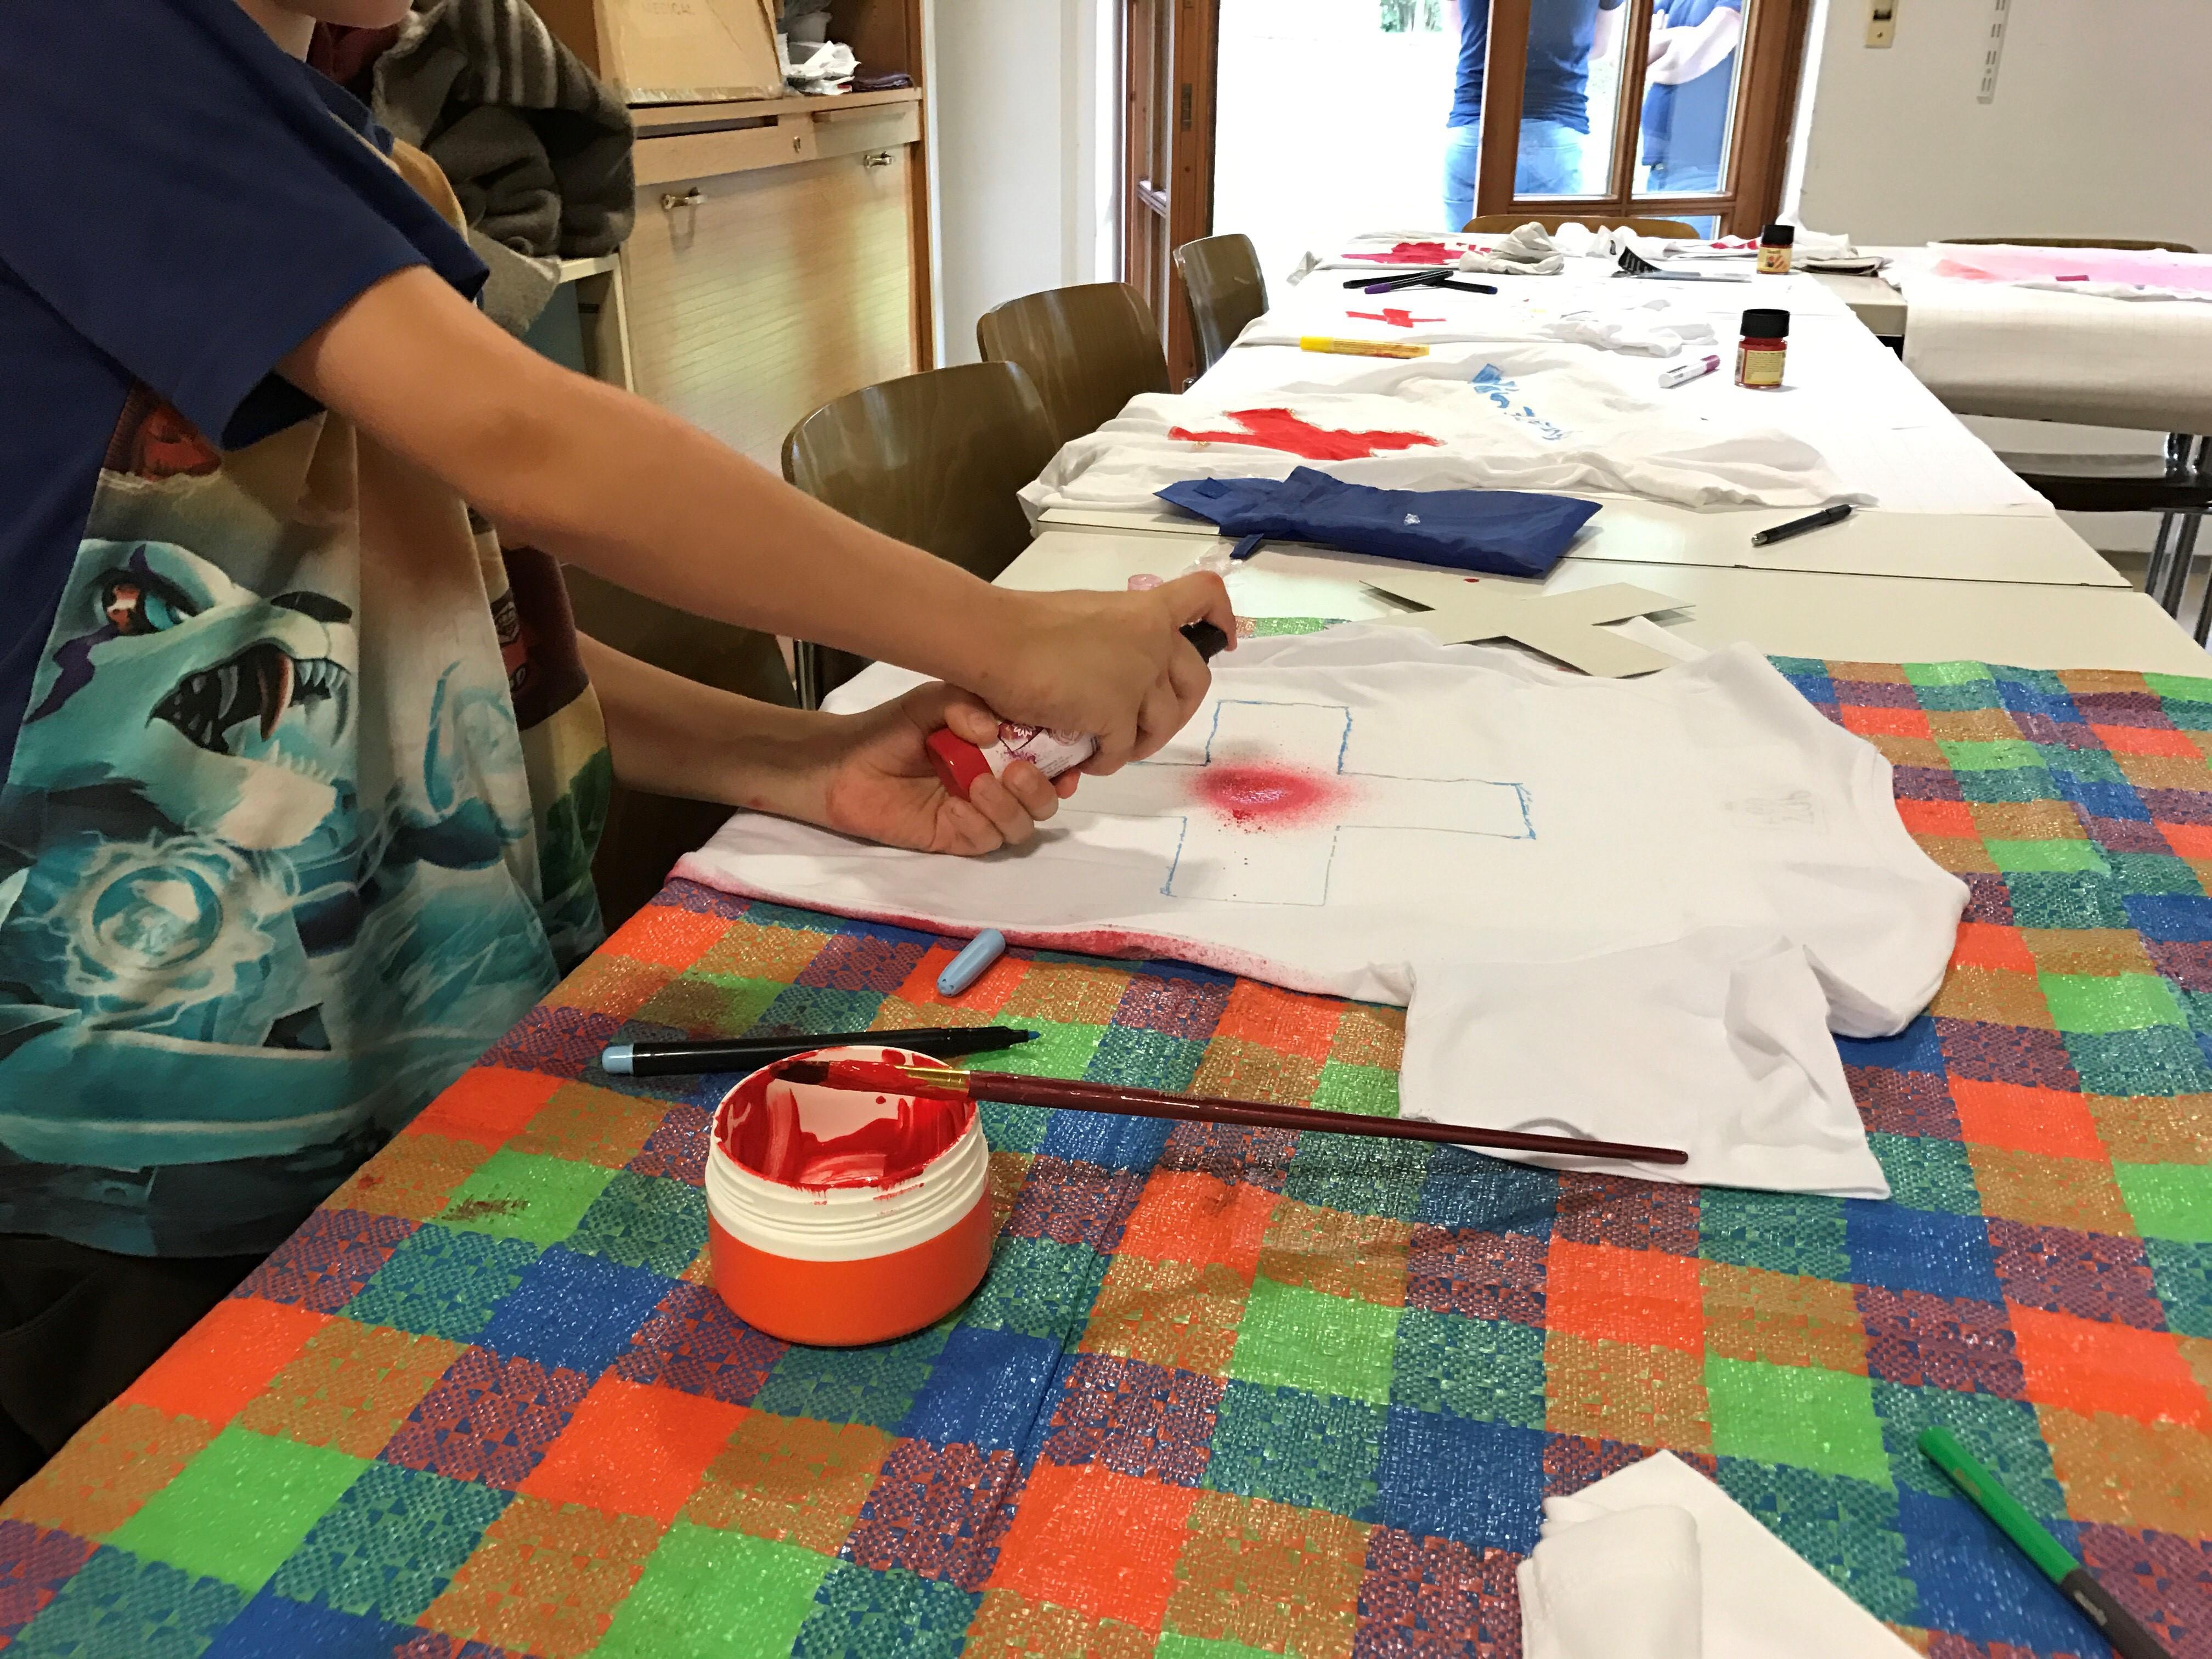 kreative köpfe beim tshirt gestalten  brk bereitschaft isen